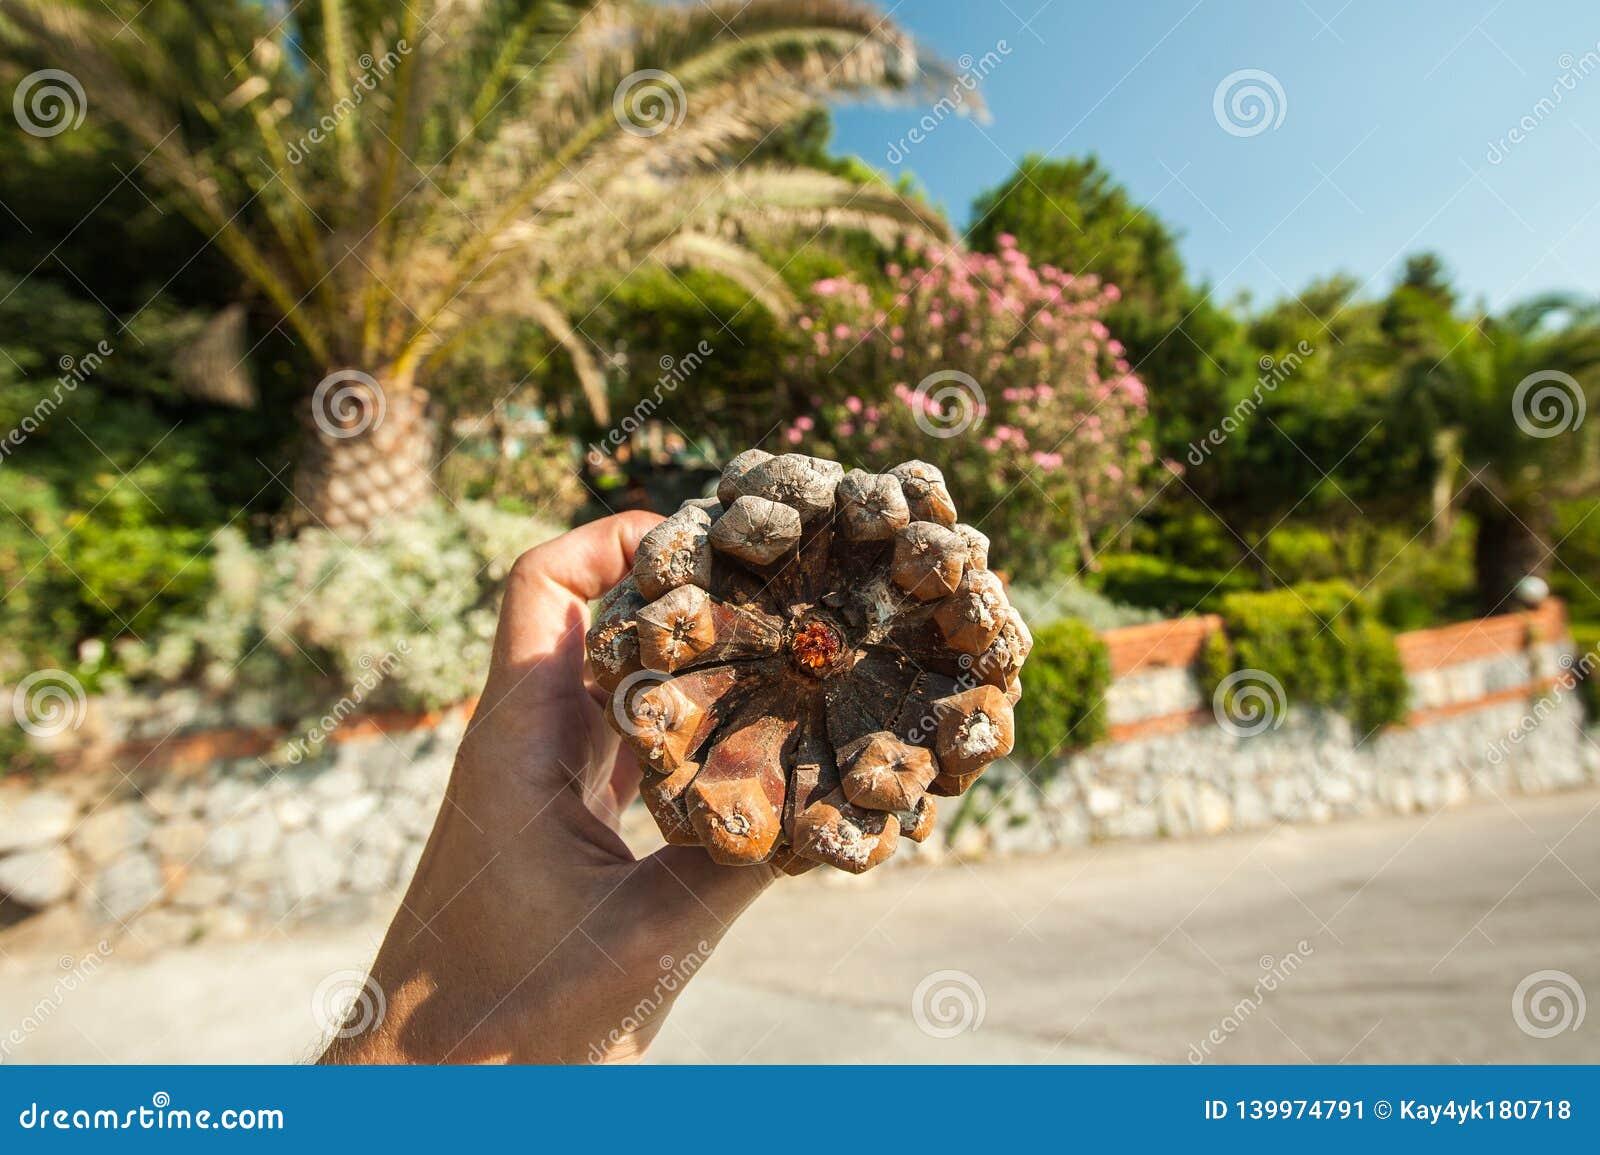 Großer Klumpen in der Hand auf dem Hintergrund von Palmen und Vegetation an einem sonnigen Tag im Urlaub